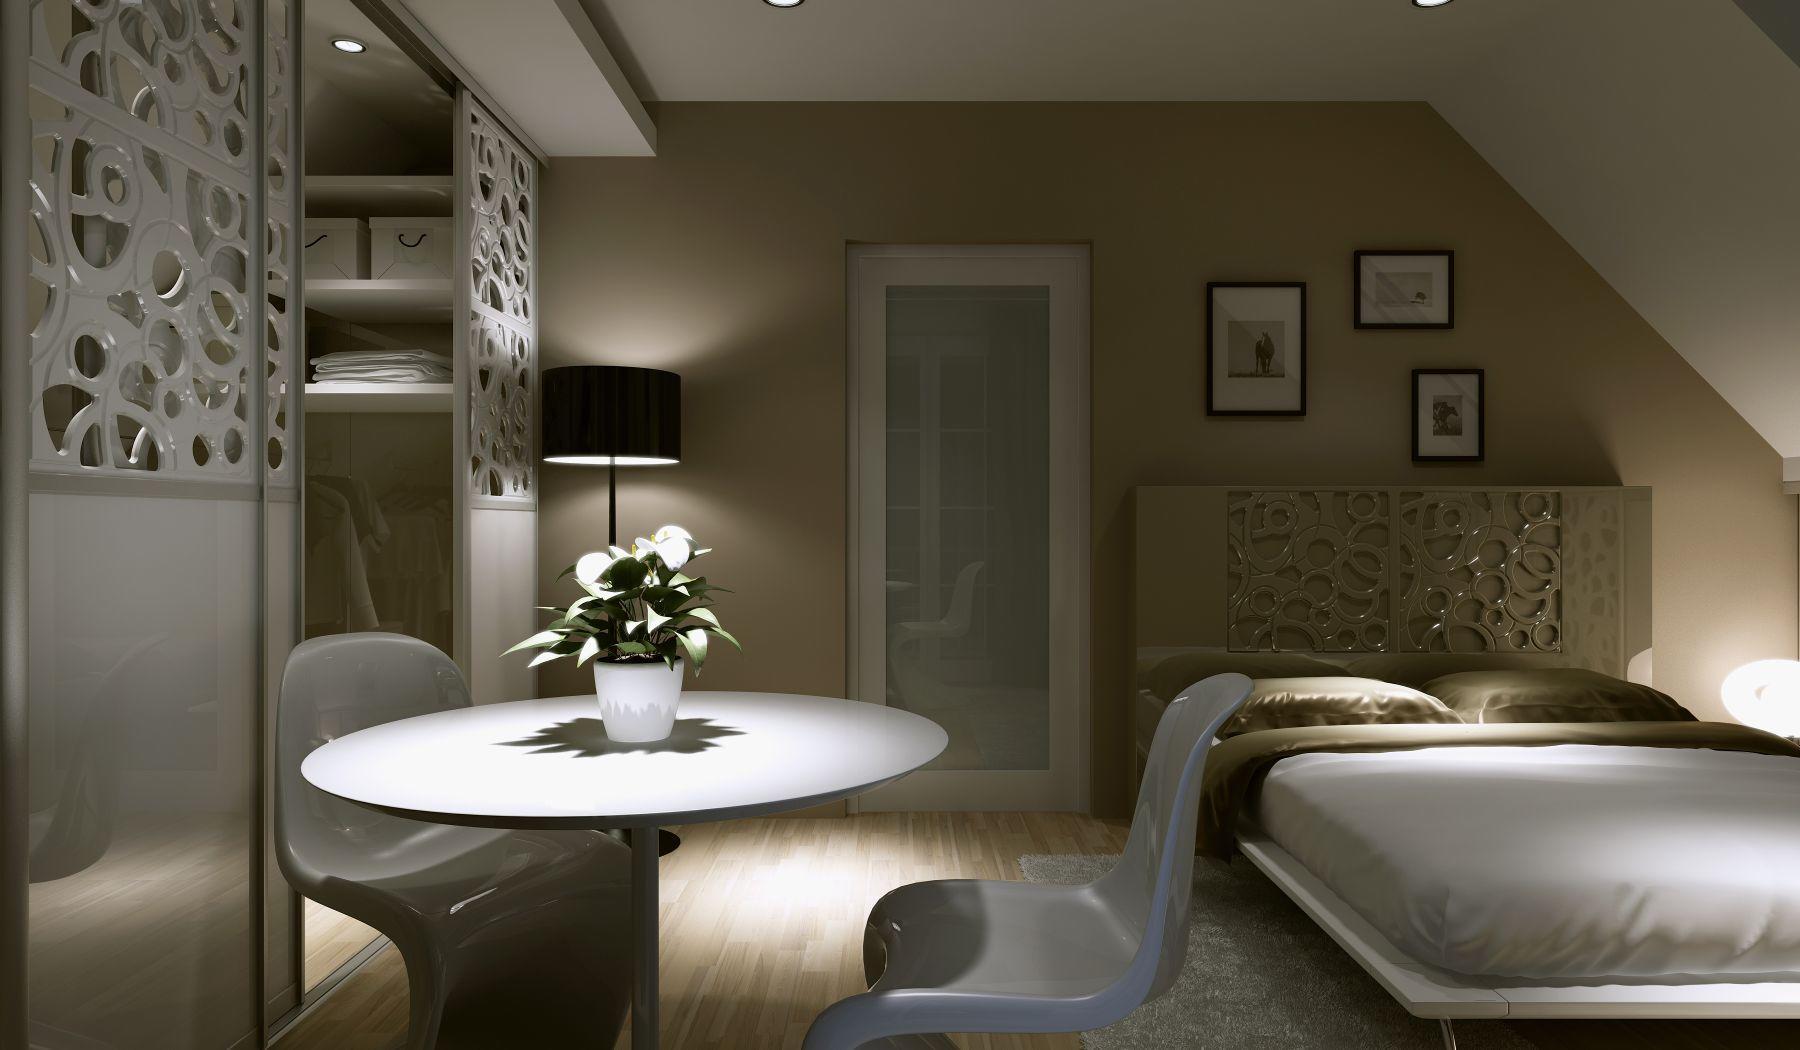 Śpij spokojnie – przytulna i funkcjonalna sypialnia